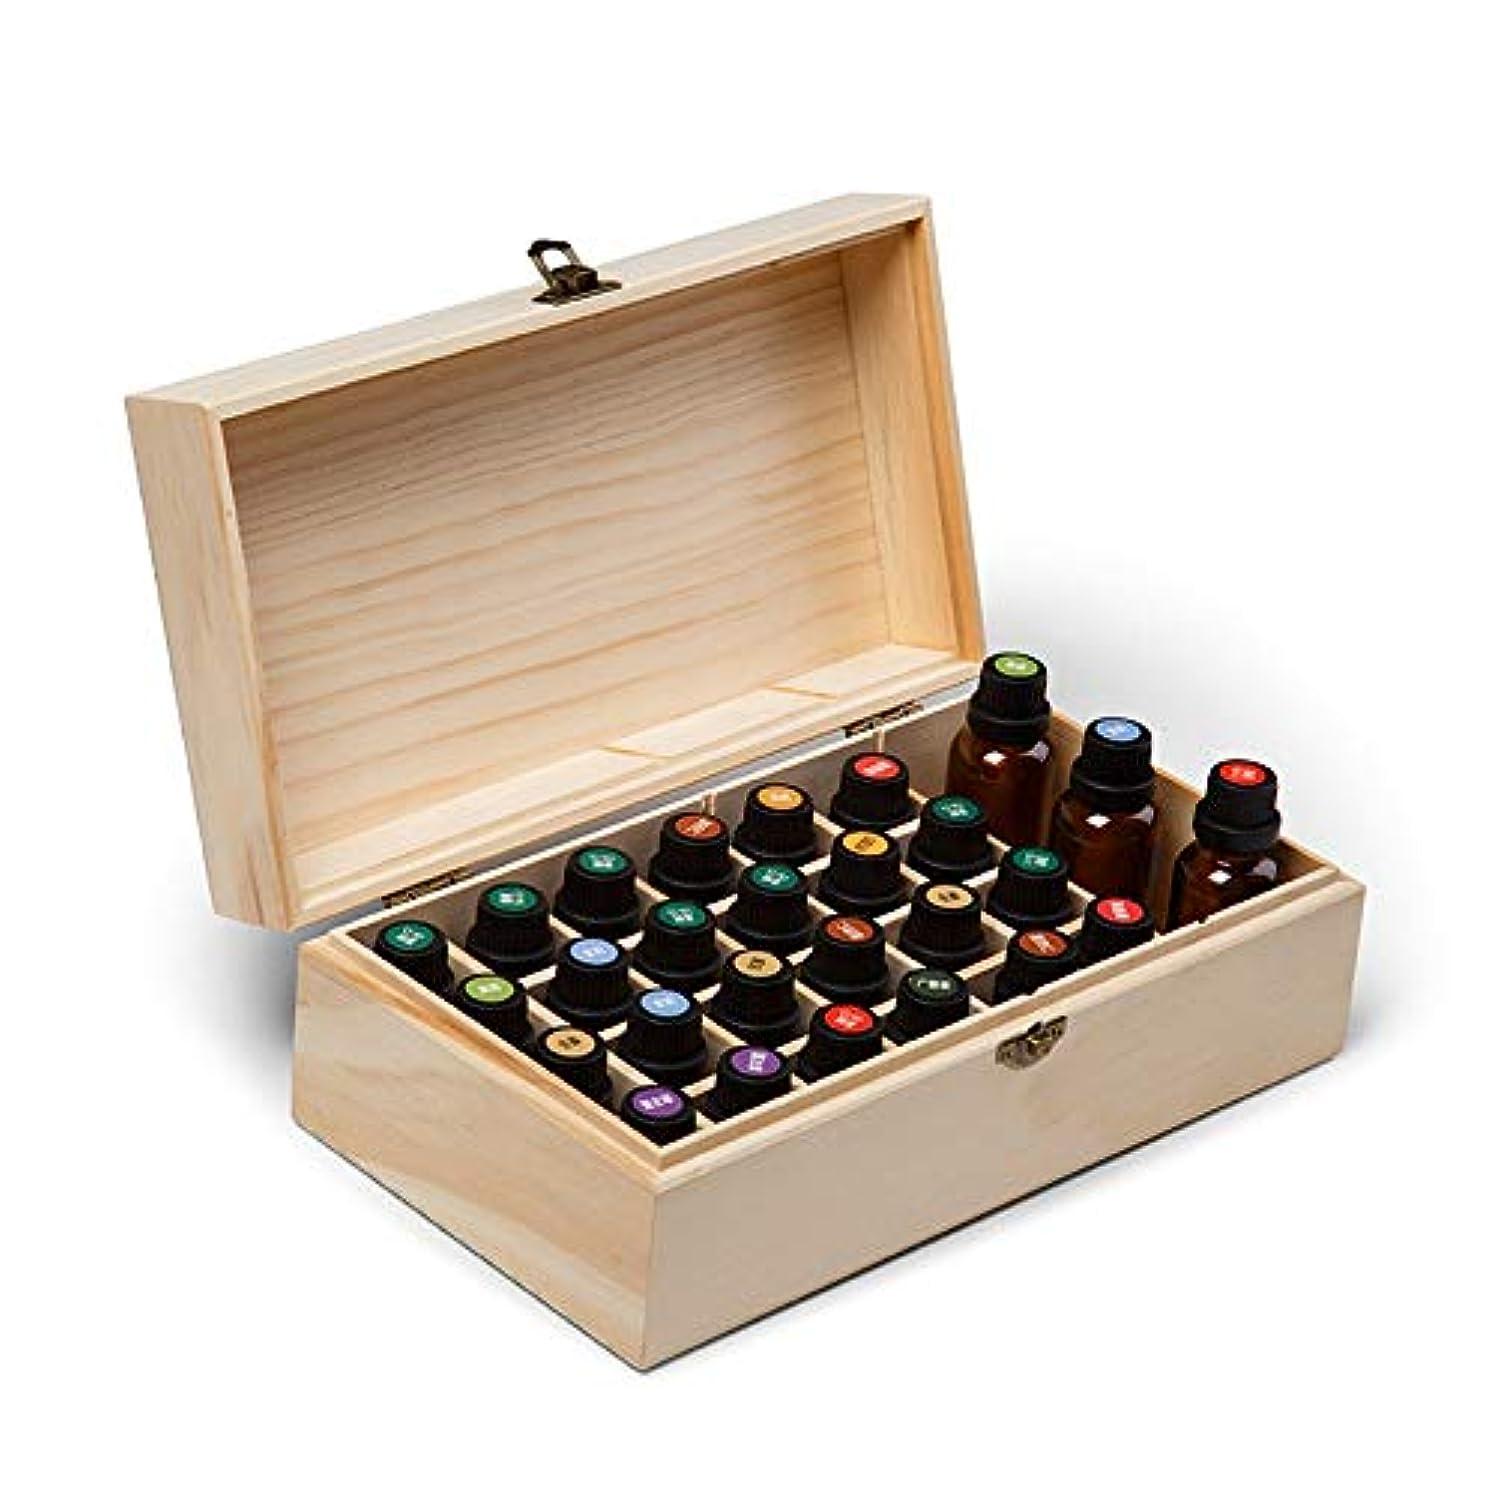 愛情鉄道駅優しさエッセンシャルオイル収納ボックス エッセンシャルオイル木製ボックスオイルの収納ケースは、25本のボトルナチュラルパインを開催します (色 : Natural, サイズ : 27X15X10CM)